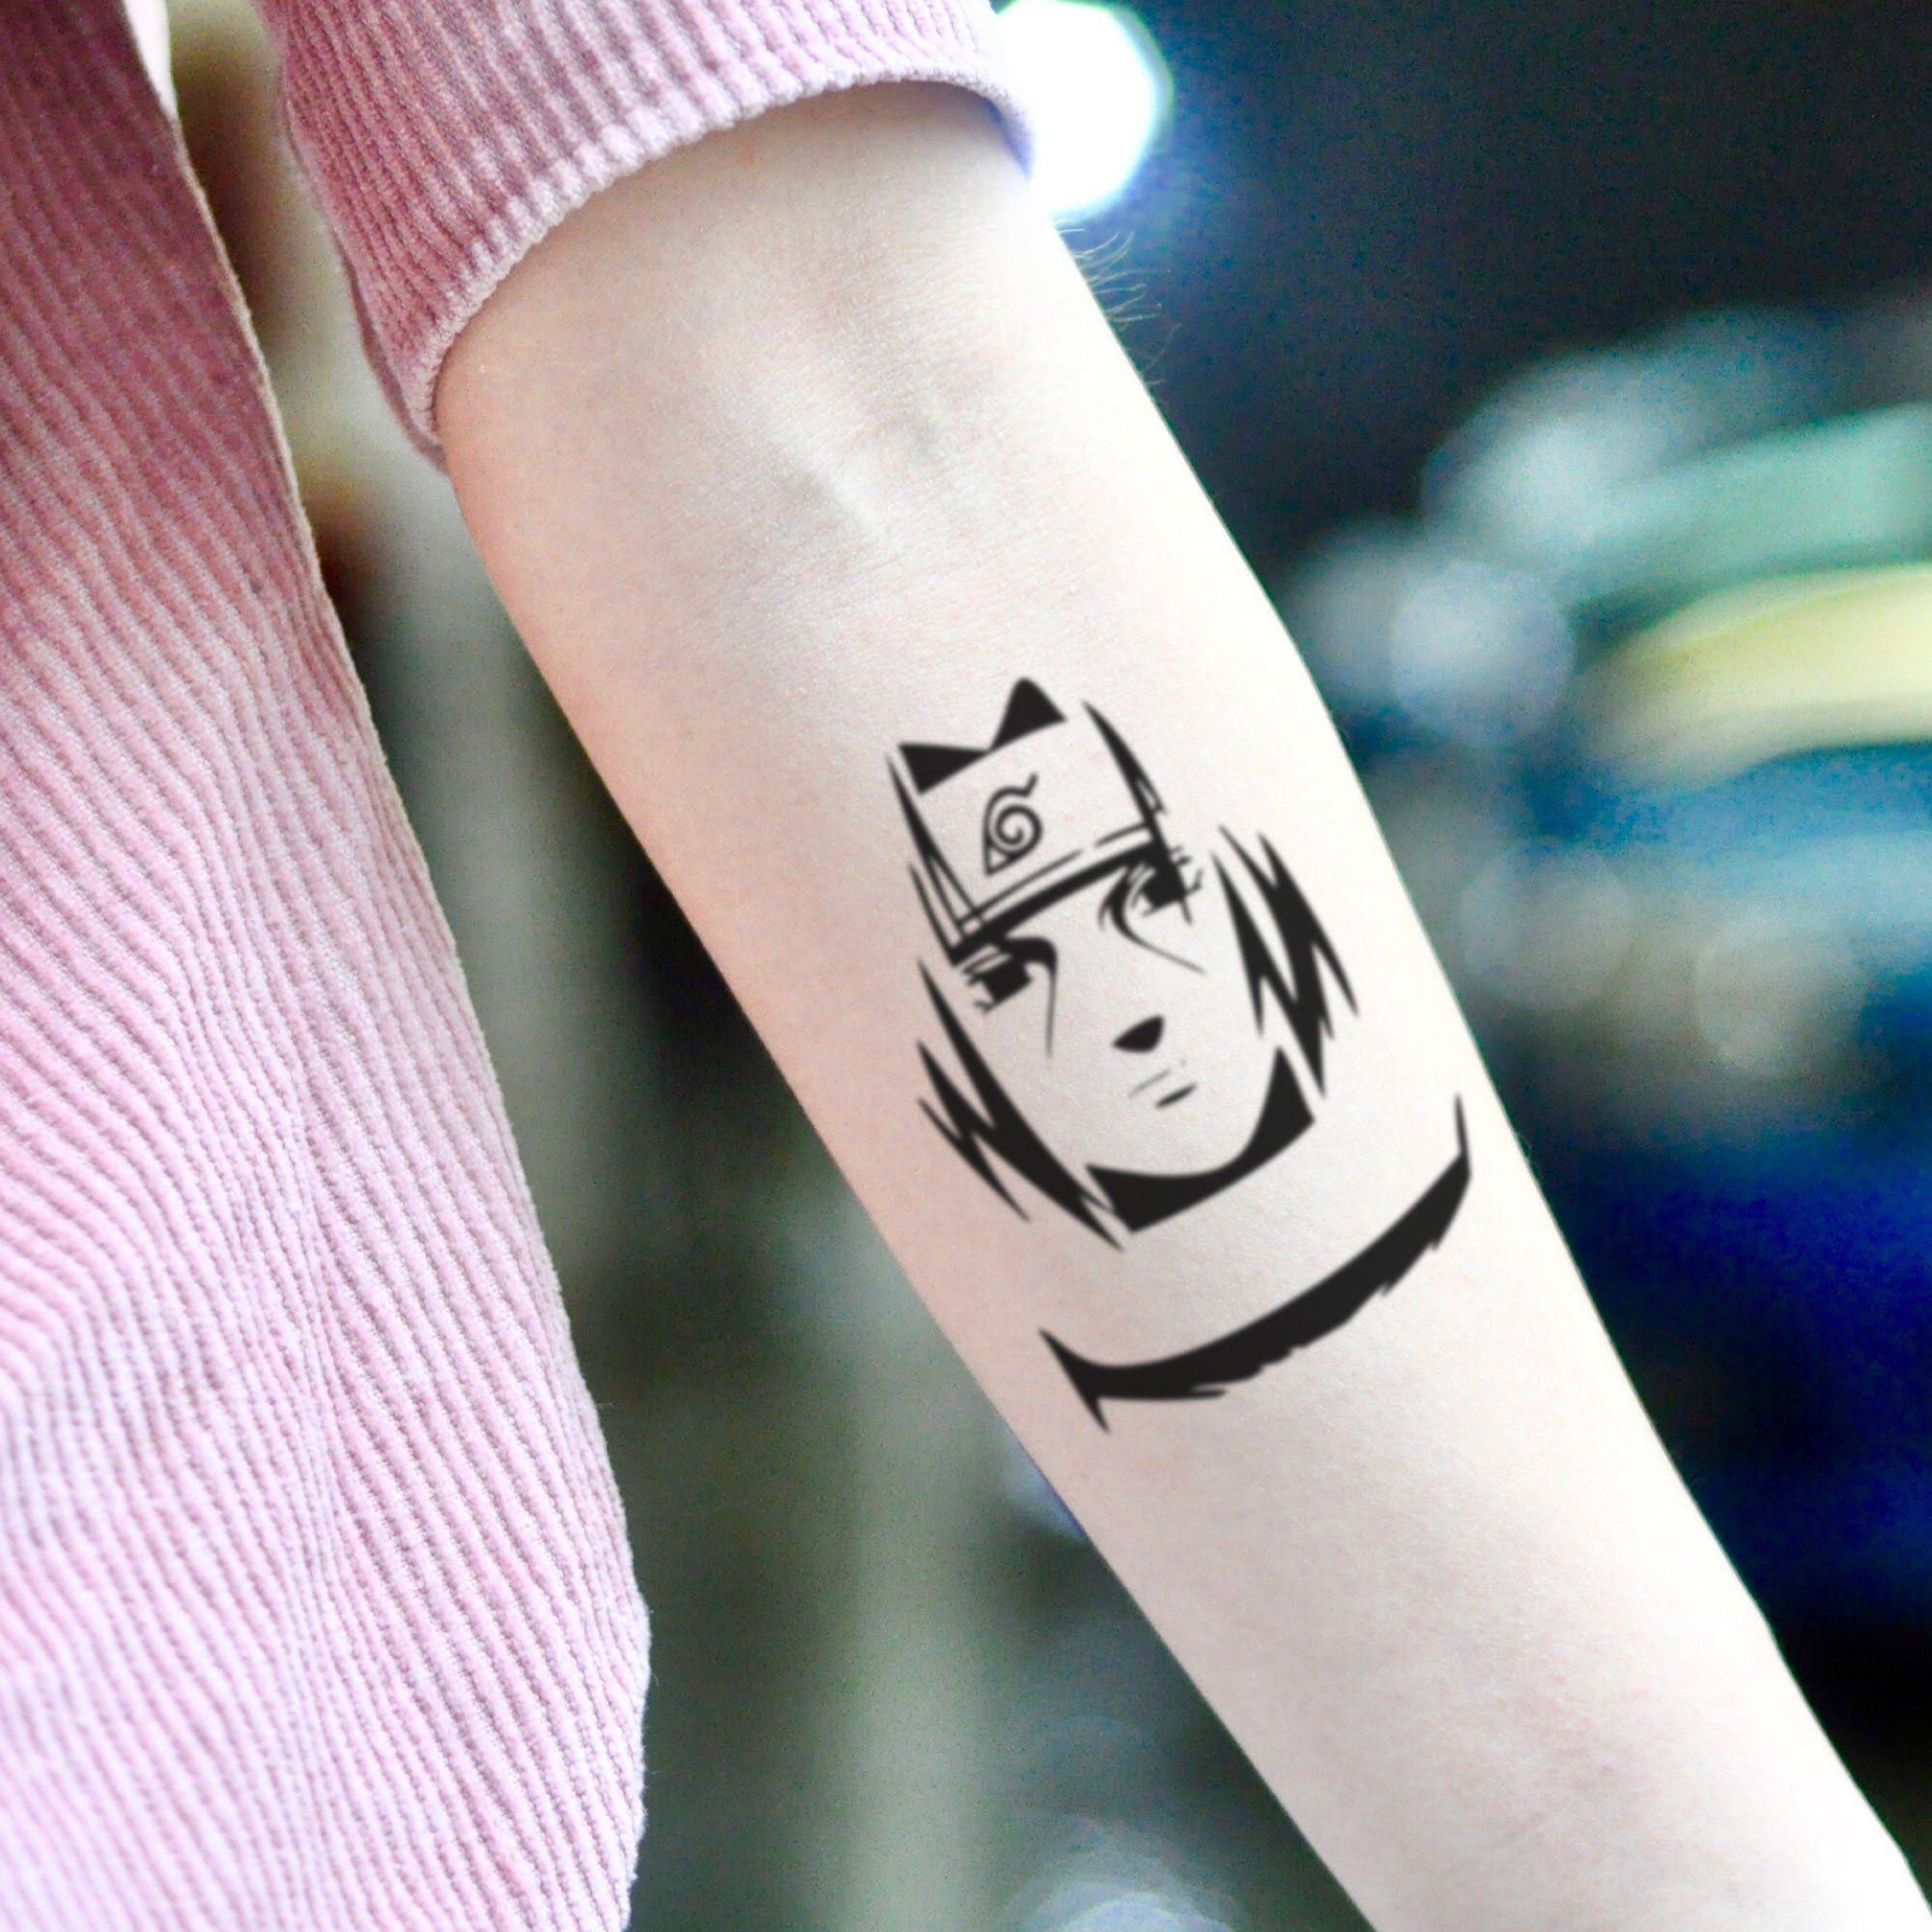 Itachi Uchiha Temporary Tattoo Sticker Set Of 2 Naruto Tattoo Small Tattoos Itachi Uchiha